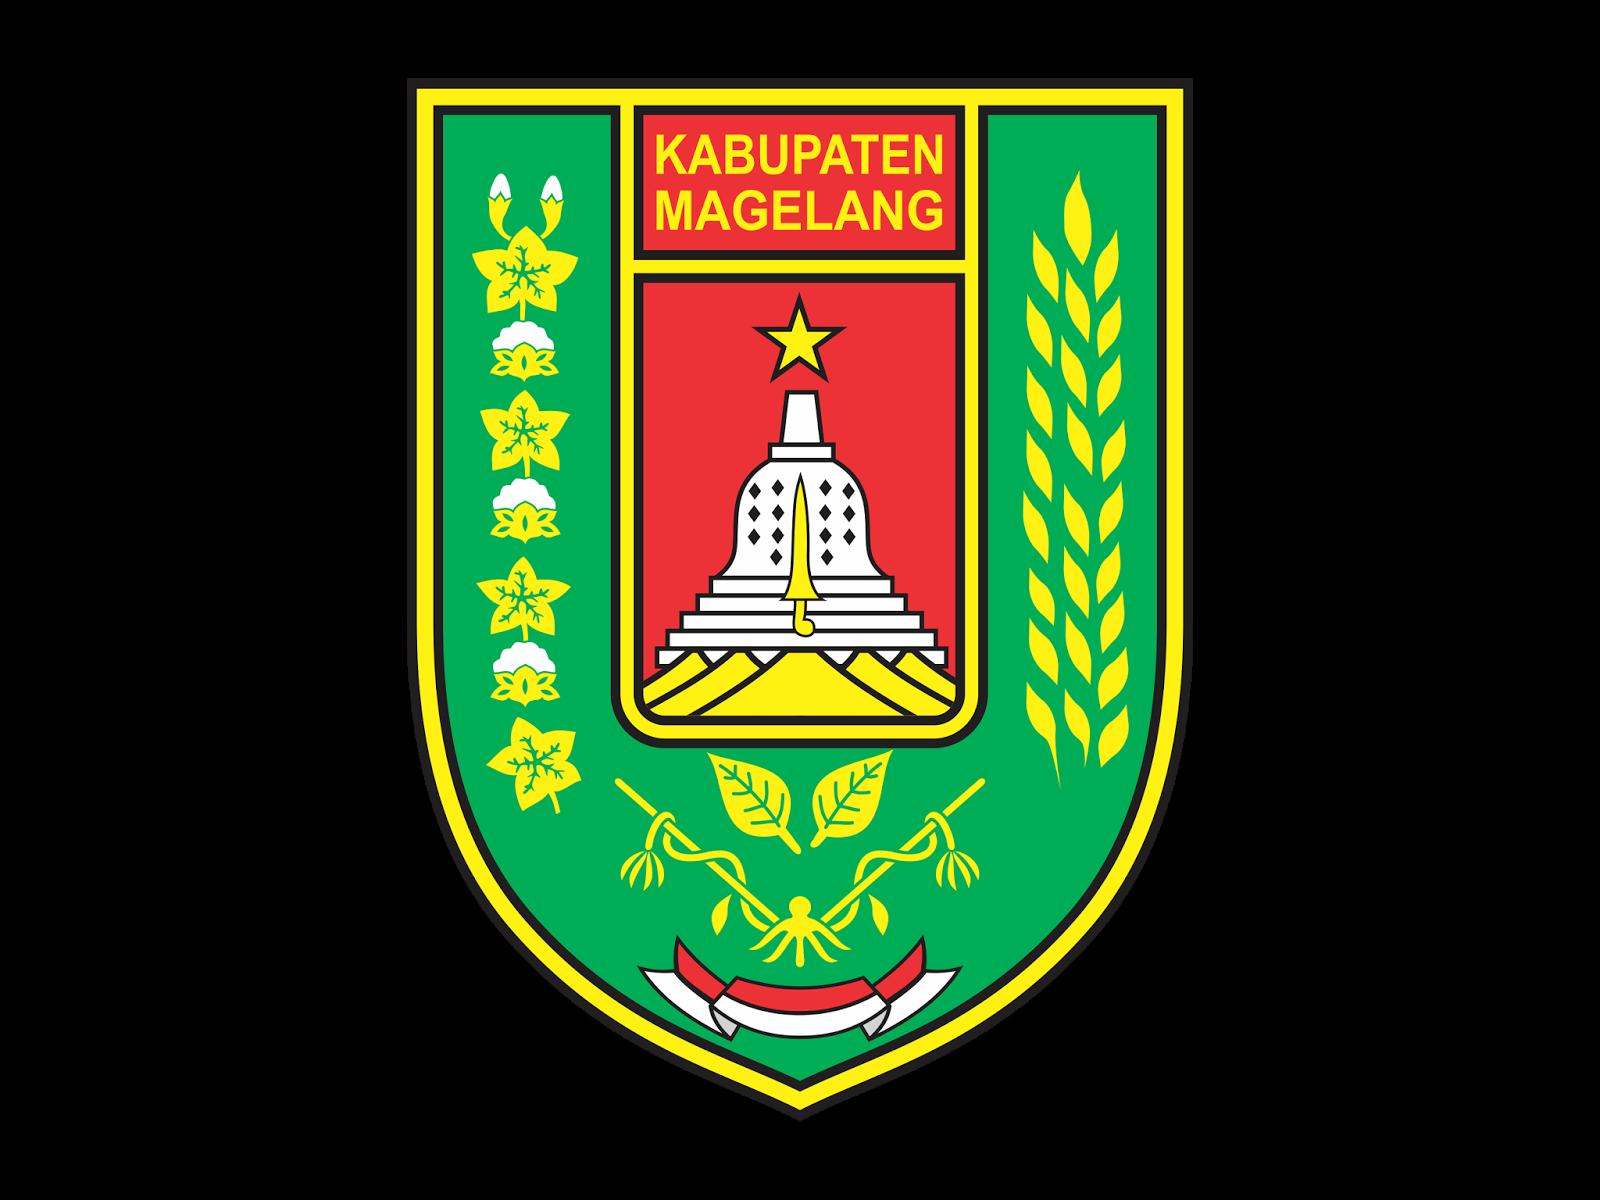 Logo Kabupaten Magelang Format Cdr Png Biologizone